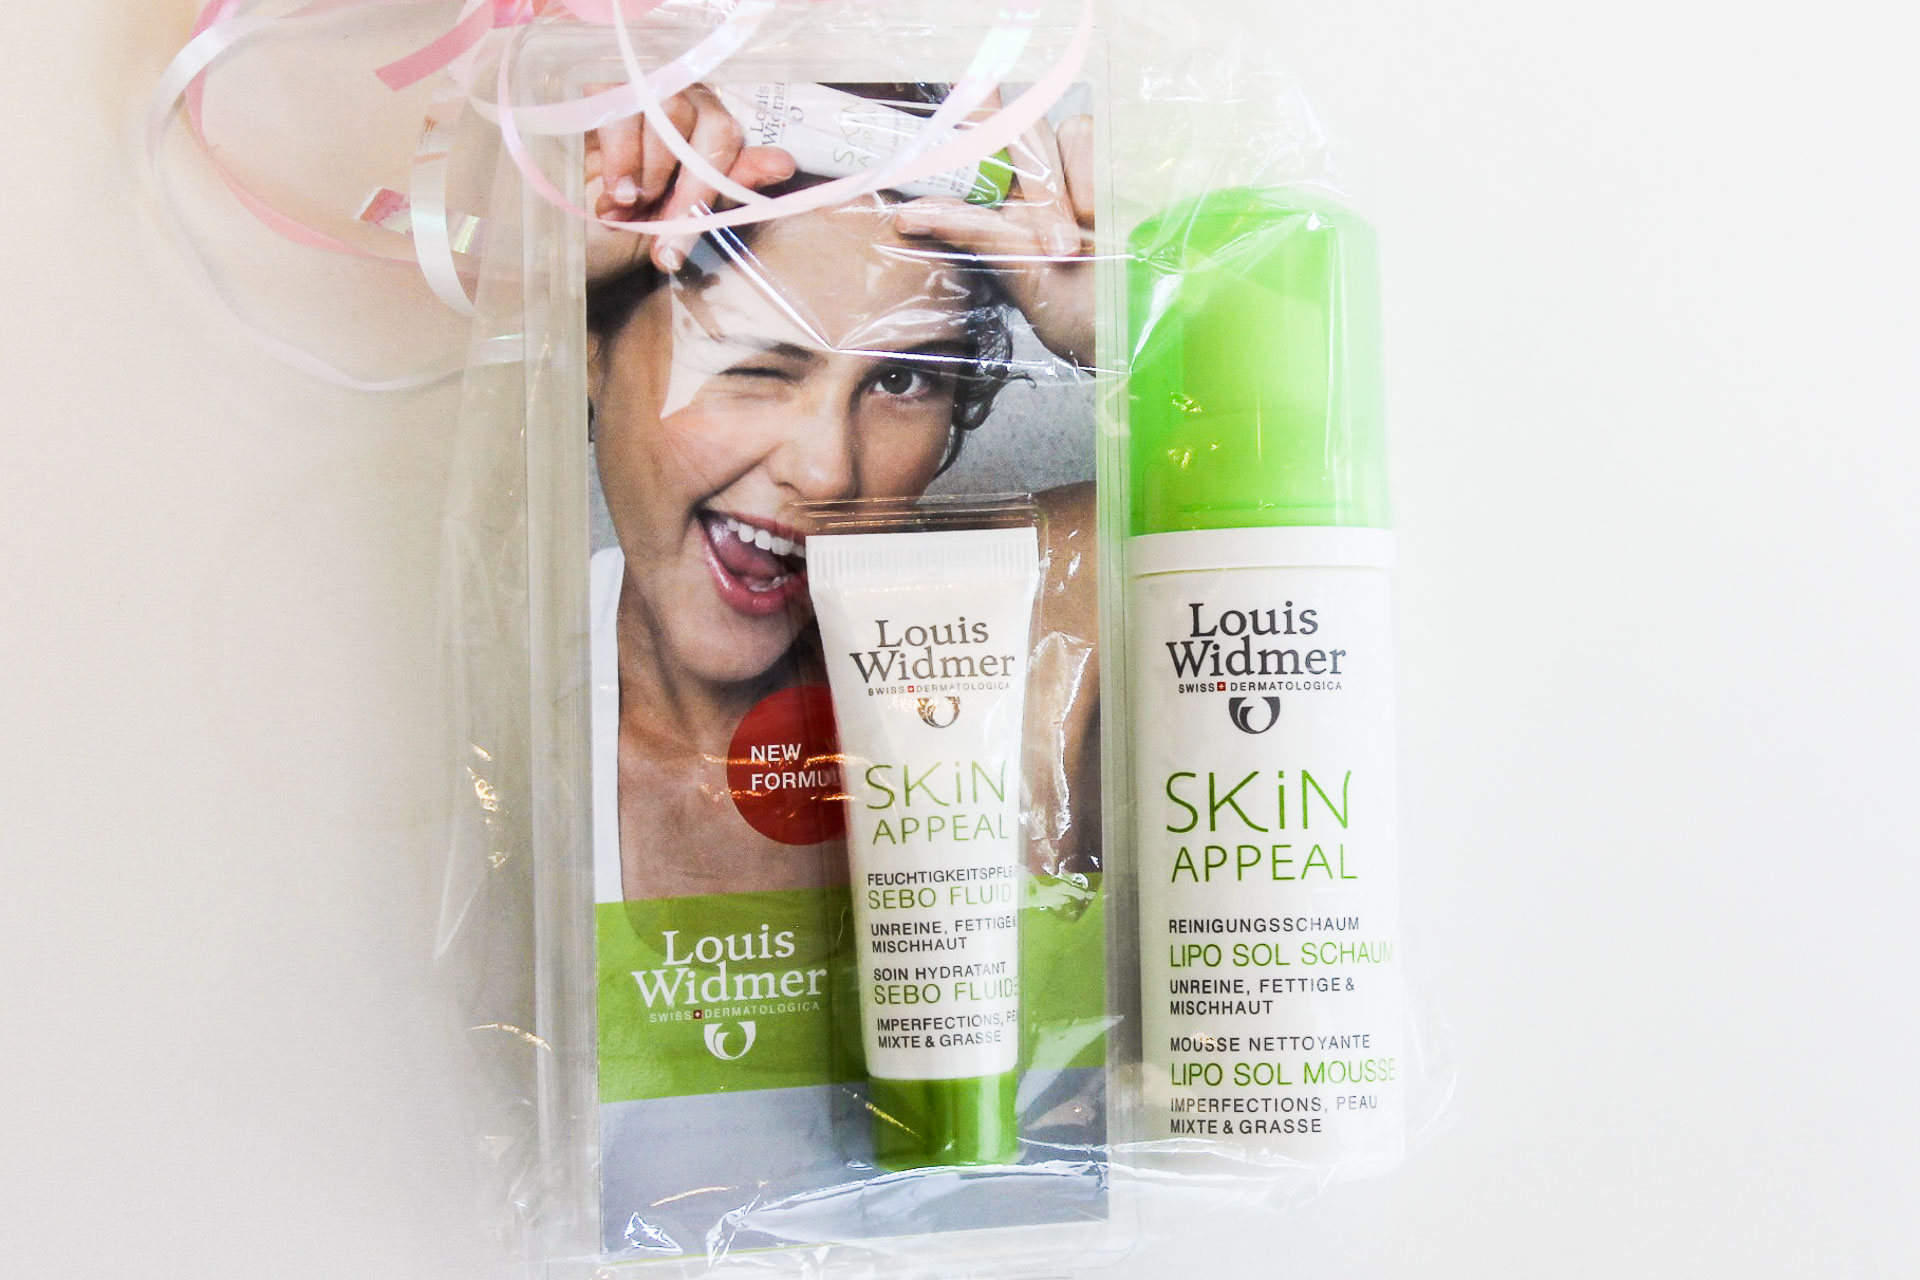 Cadeau voor onzuivere huid